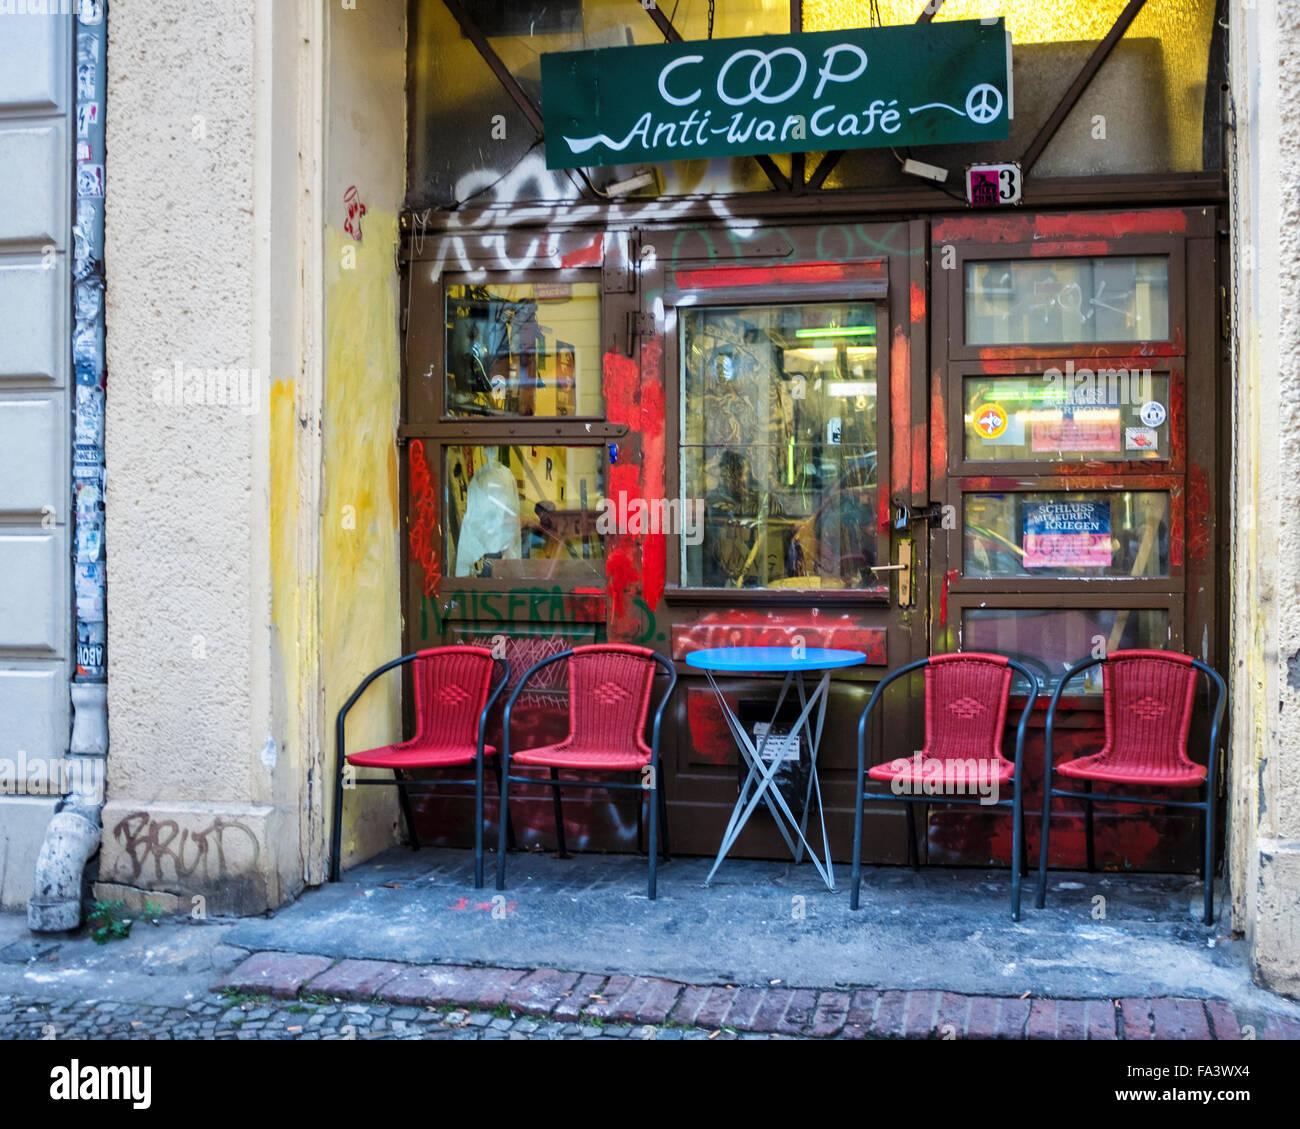 Berlin-Coop Anti-Kriegs Cafe Exterieur, alternativer Treffpunkt und Galerie Stockbild